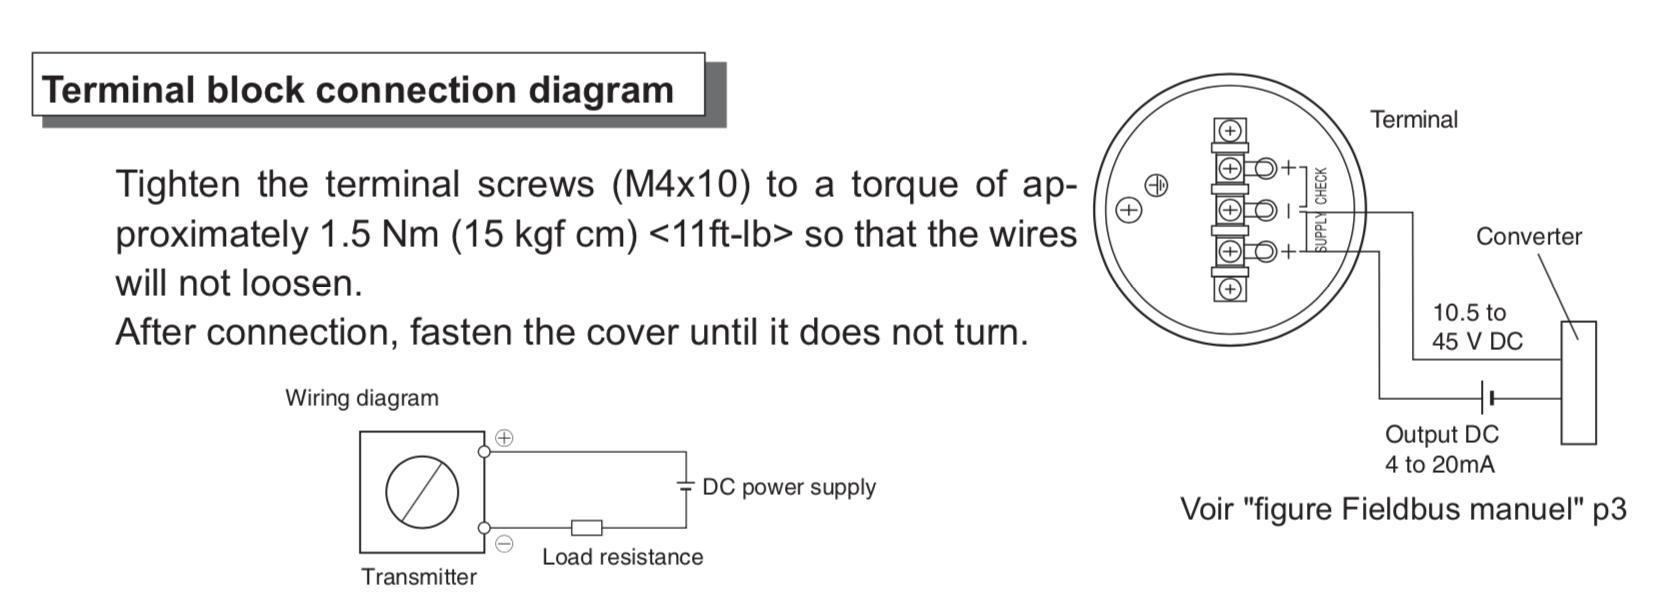 hướng dẩn kết nối tín hiệu ngõ ra cảm biến đo mức FKE